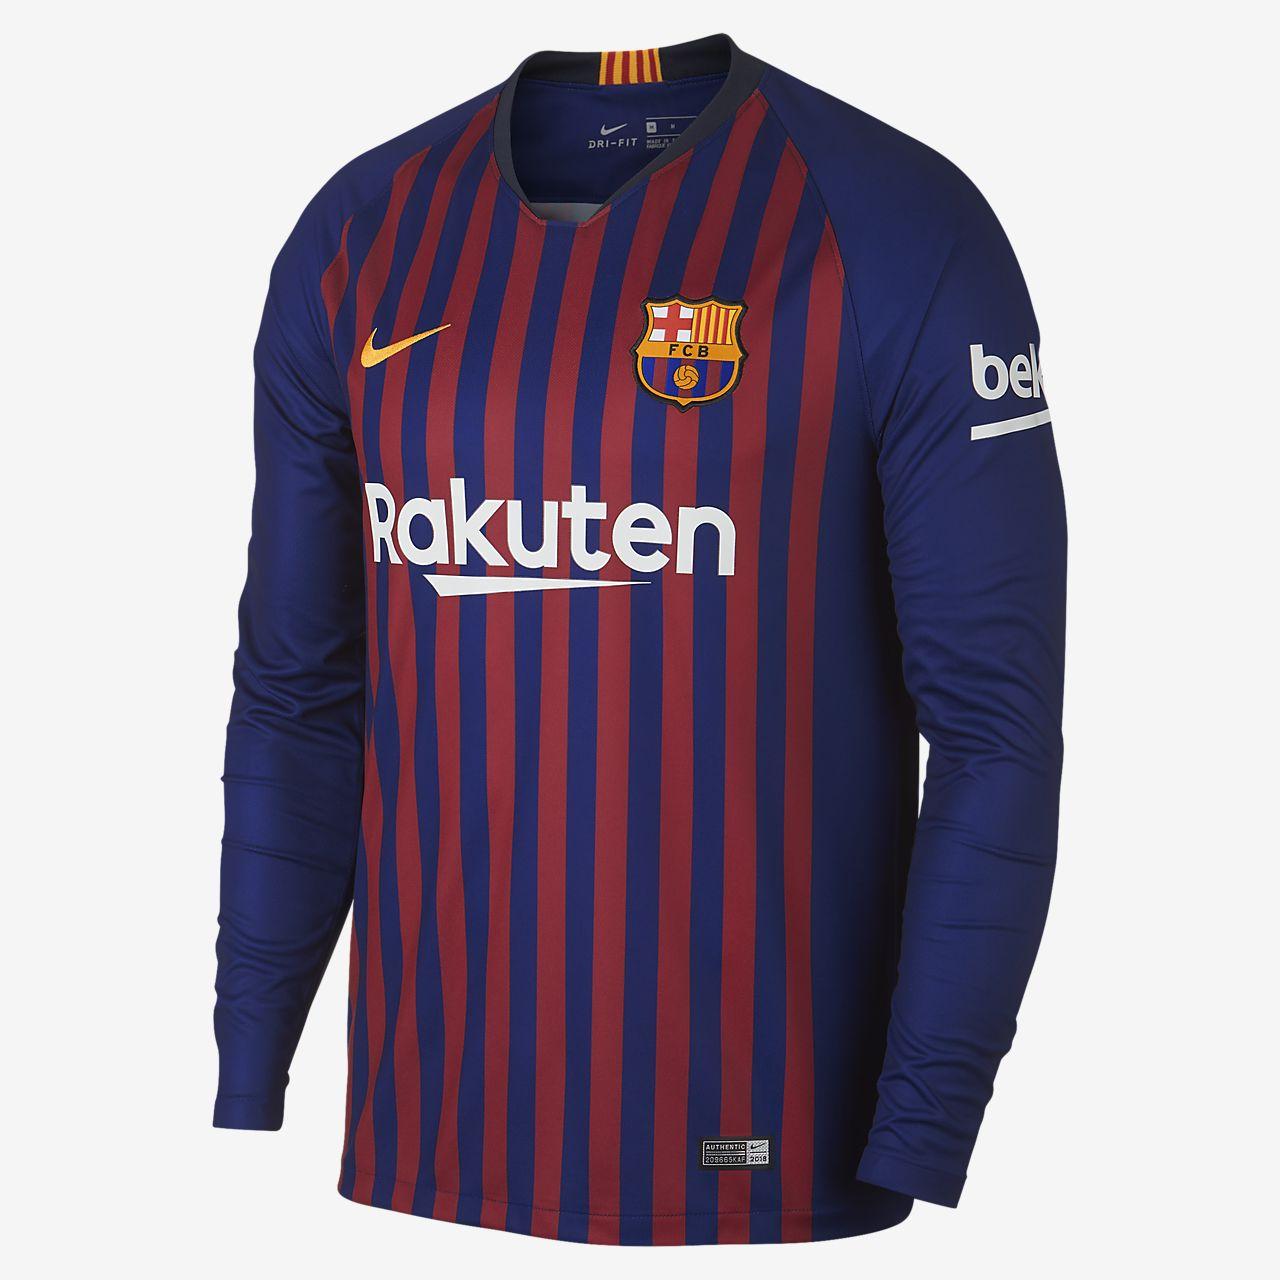 80c8b1918893e ... Camisola de futebol de manga comprida 2018 19 FC Barcelona Stadium Home  para homem